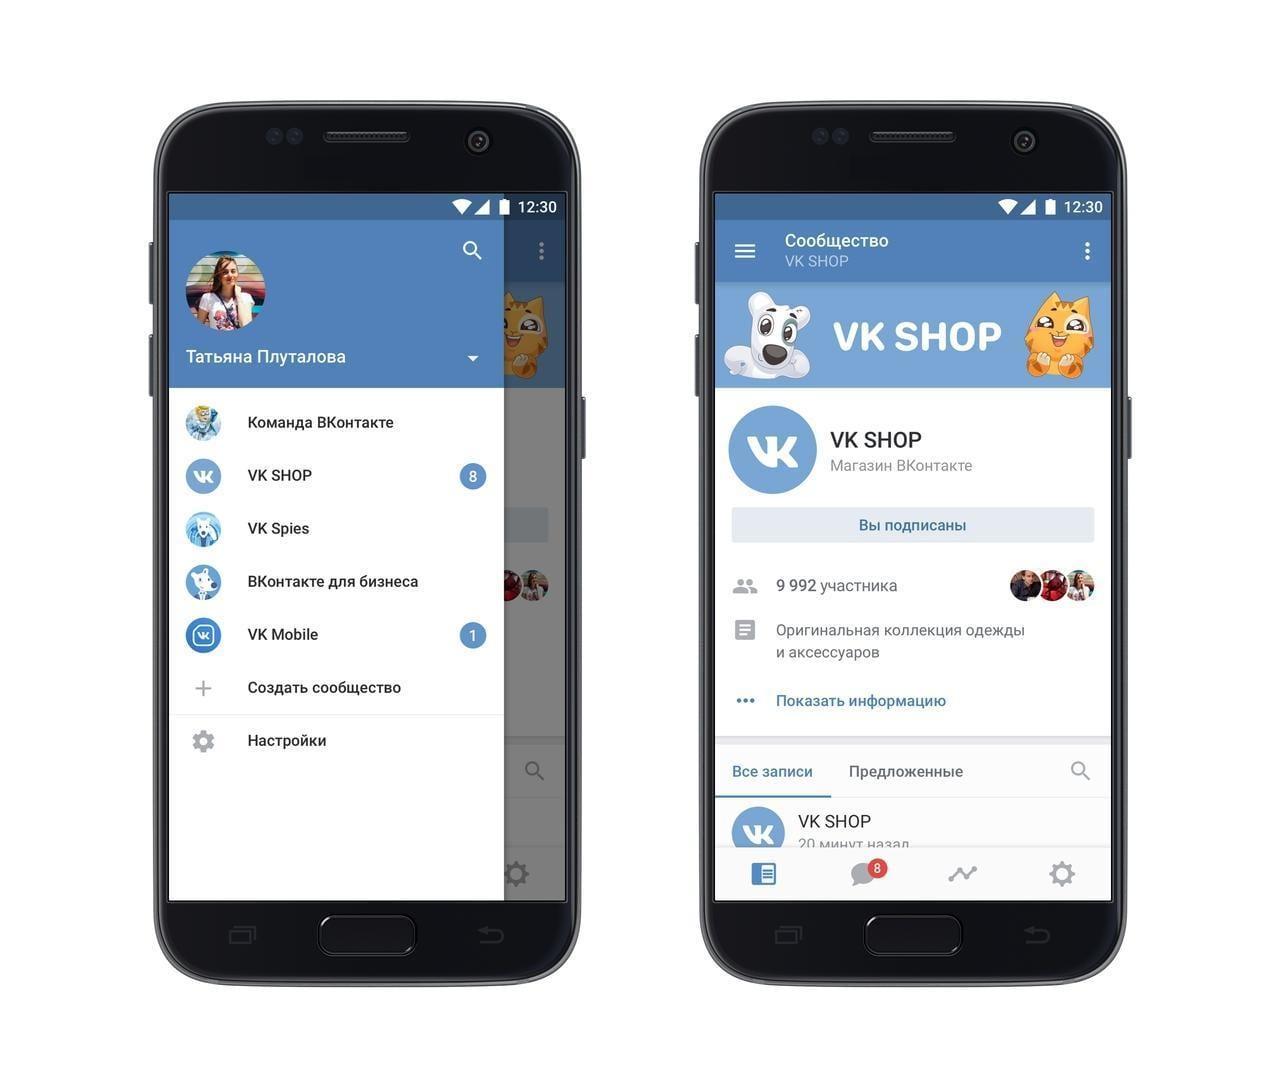 GoGol3Ma78U - «Вконтакте» запустила приложение для управления сообществами